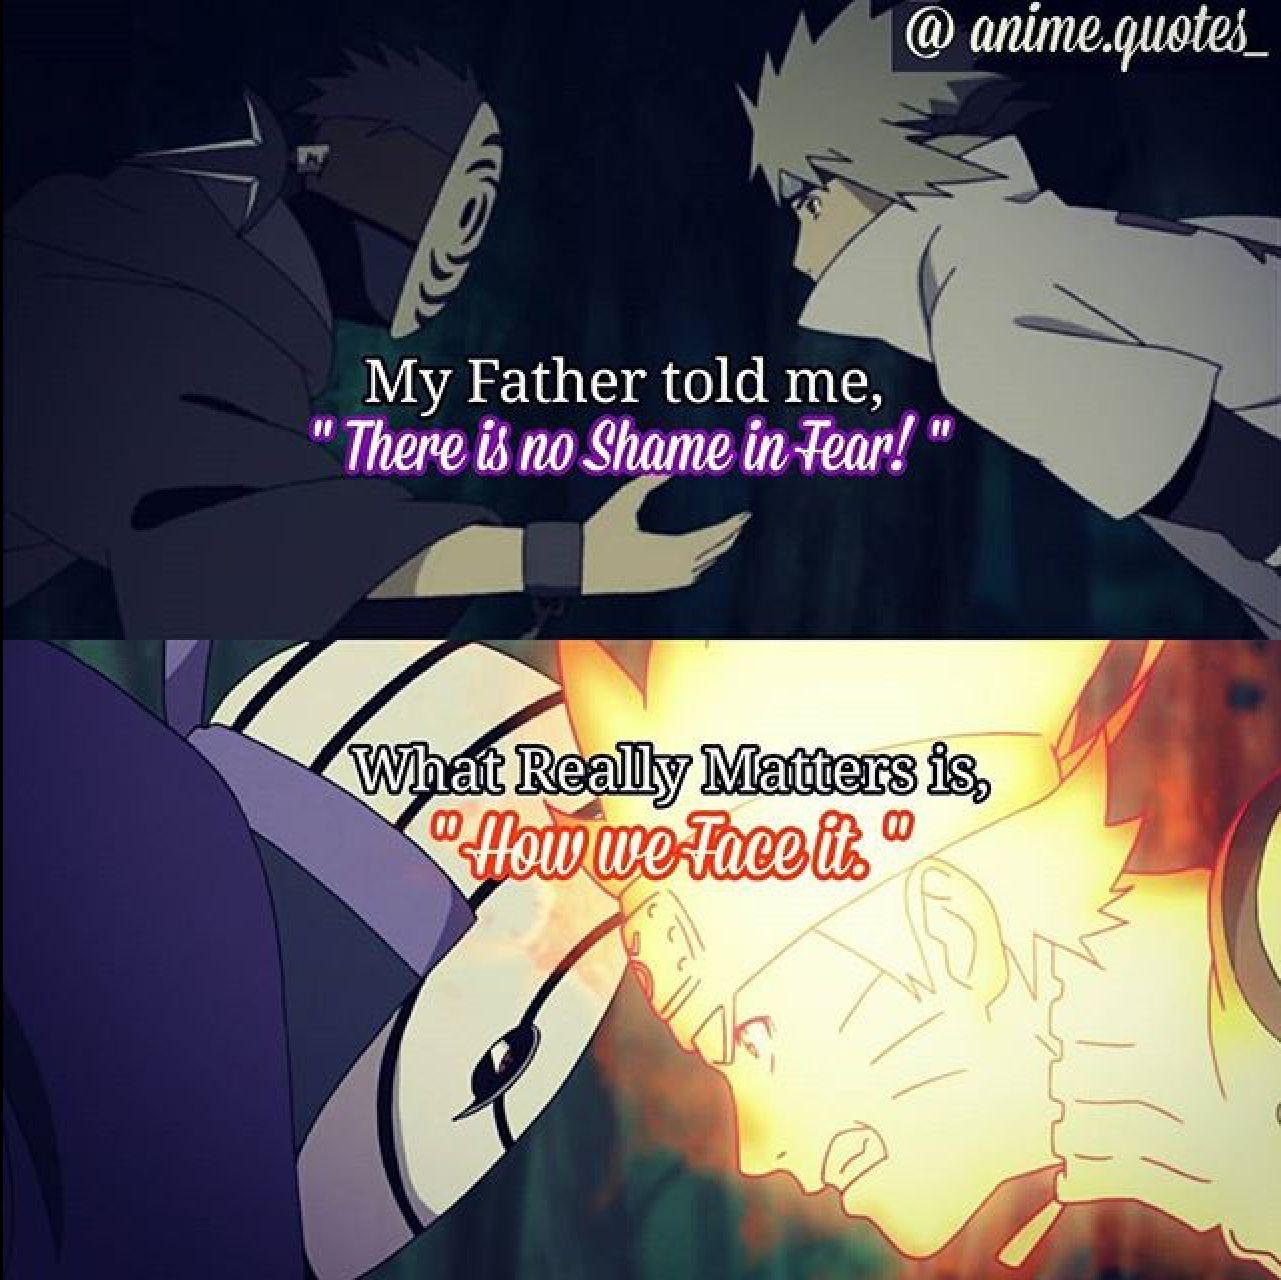 Naruto 1 sasuke uchiha naruto shippuden sad anime quotes naruto quotes